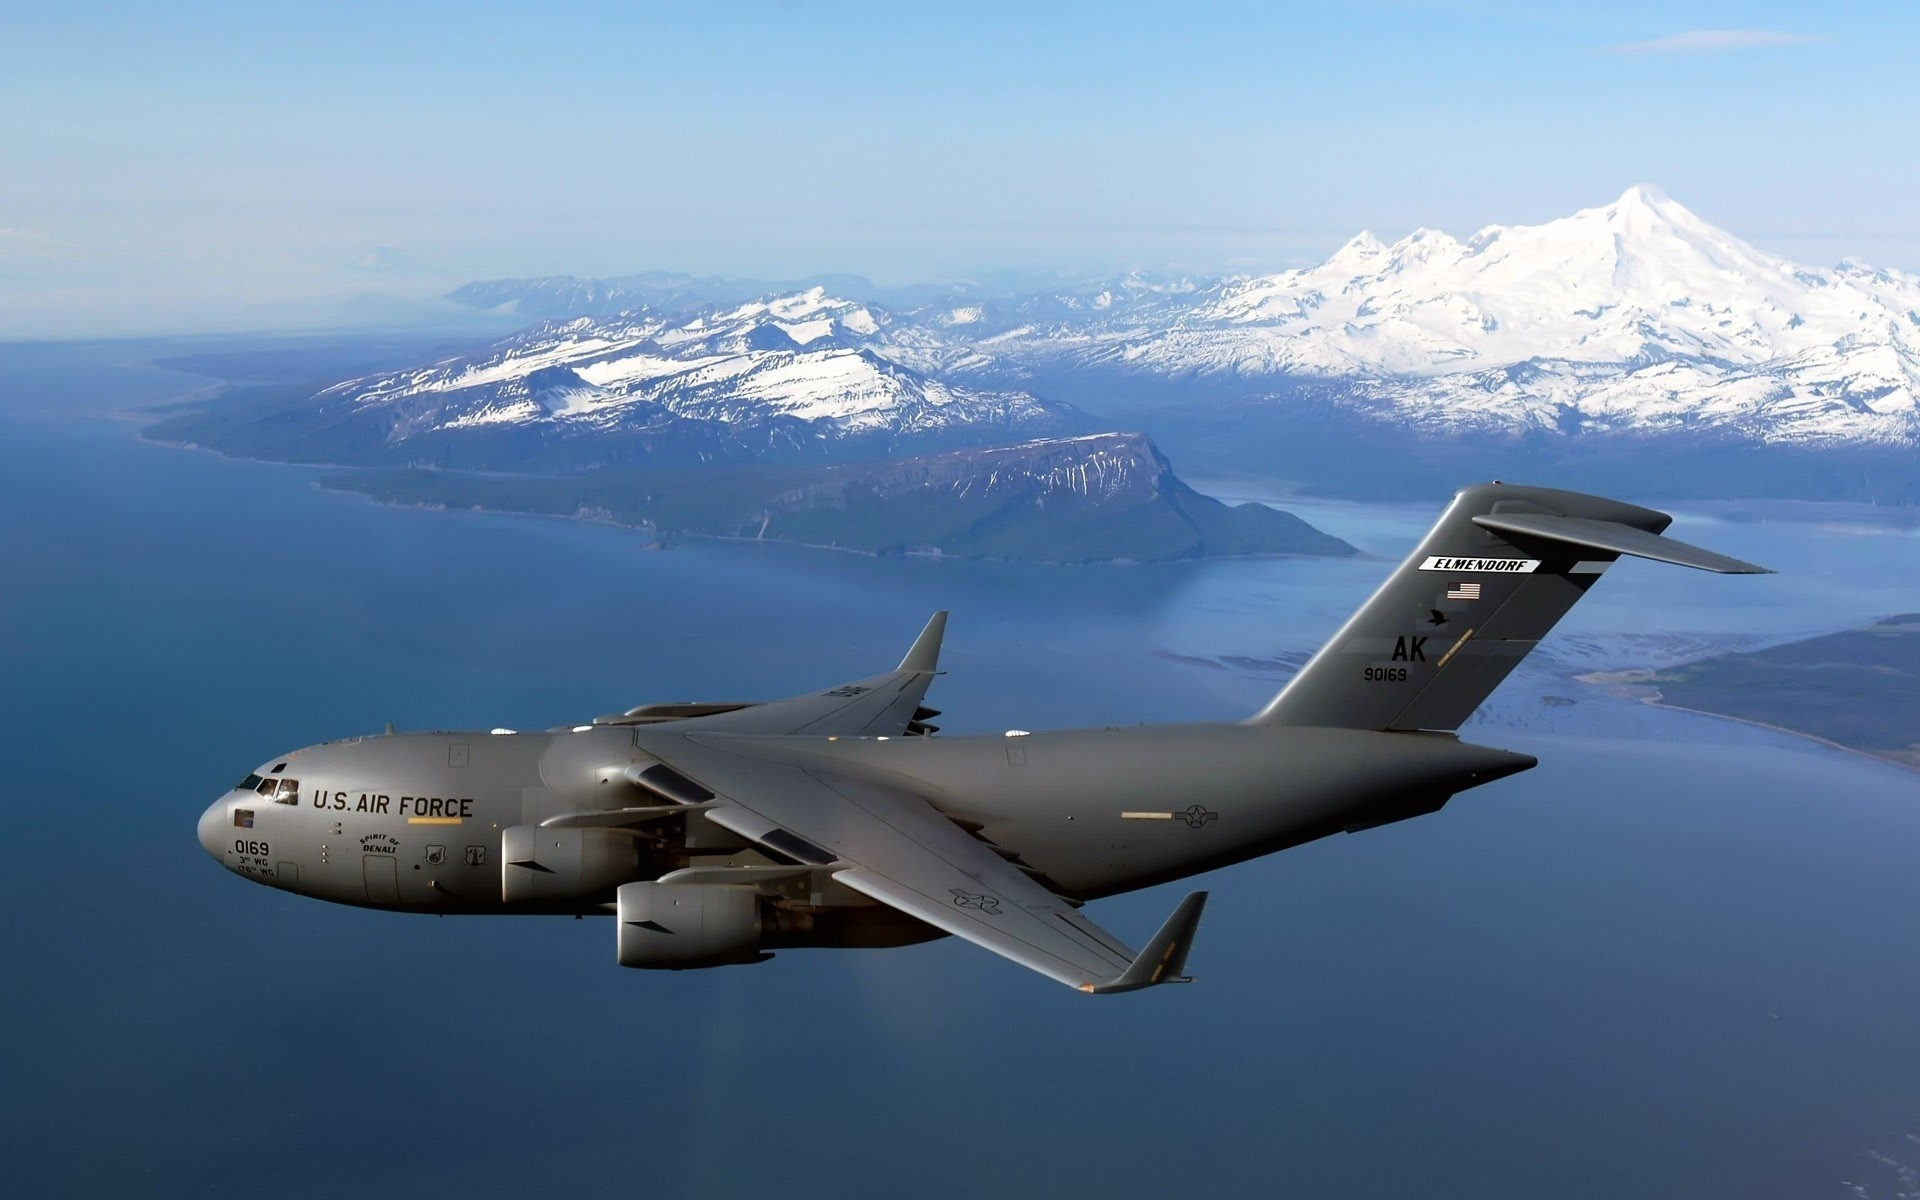 картинки американских военных самолетов берегу, цунами вырастает